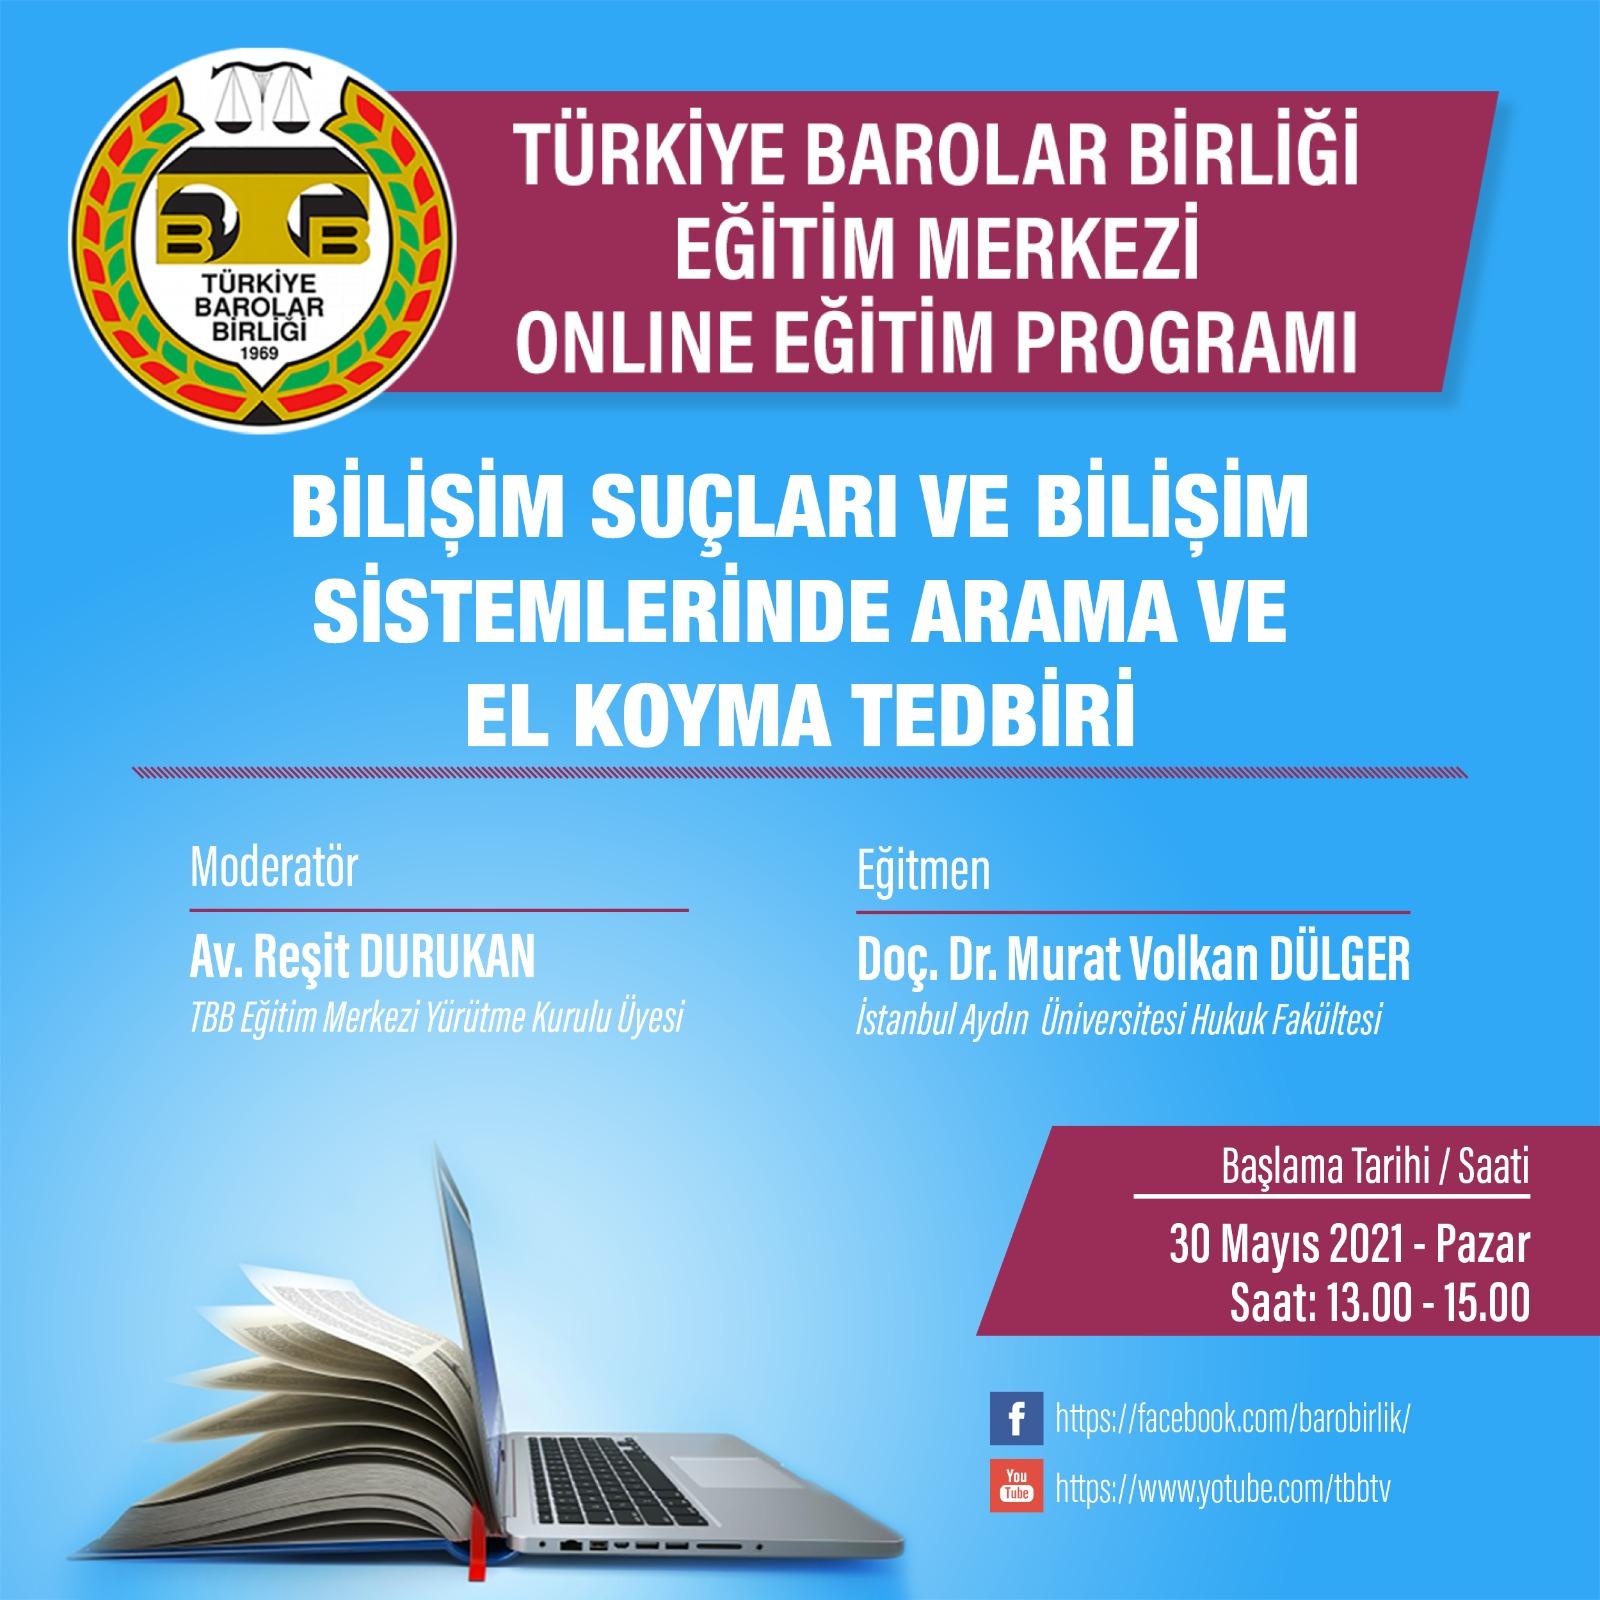 TBB Eğitim Merkezi Online Eğitim 30.05.2021